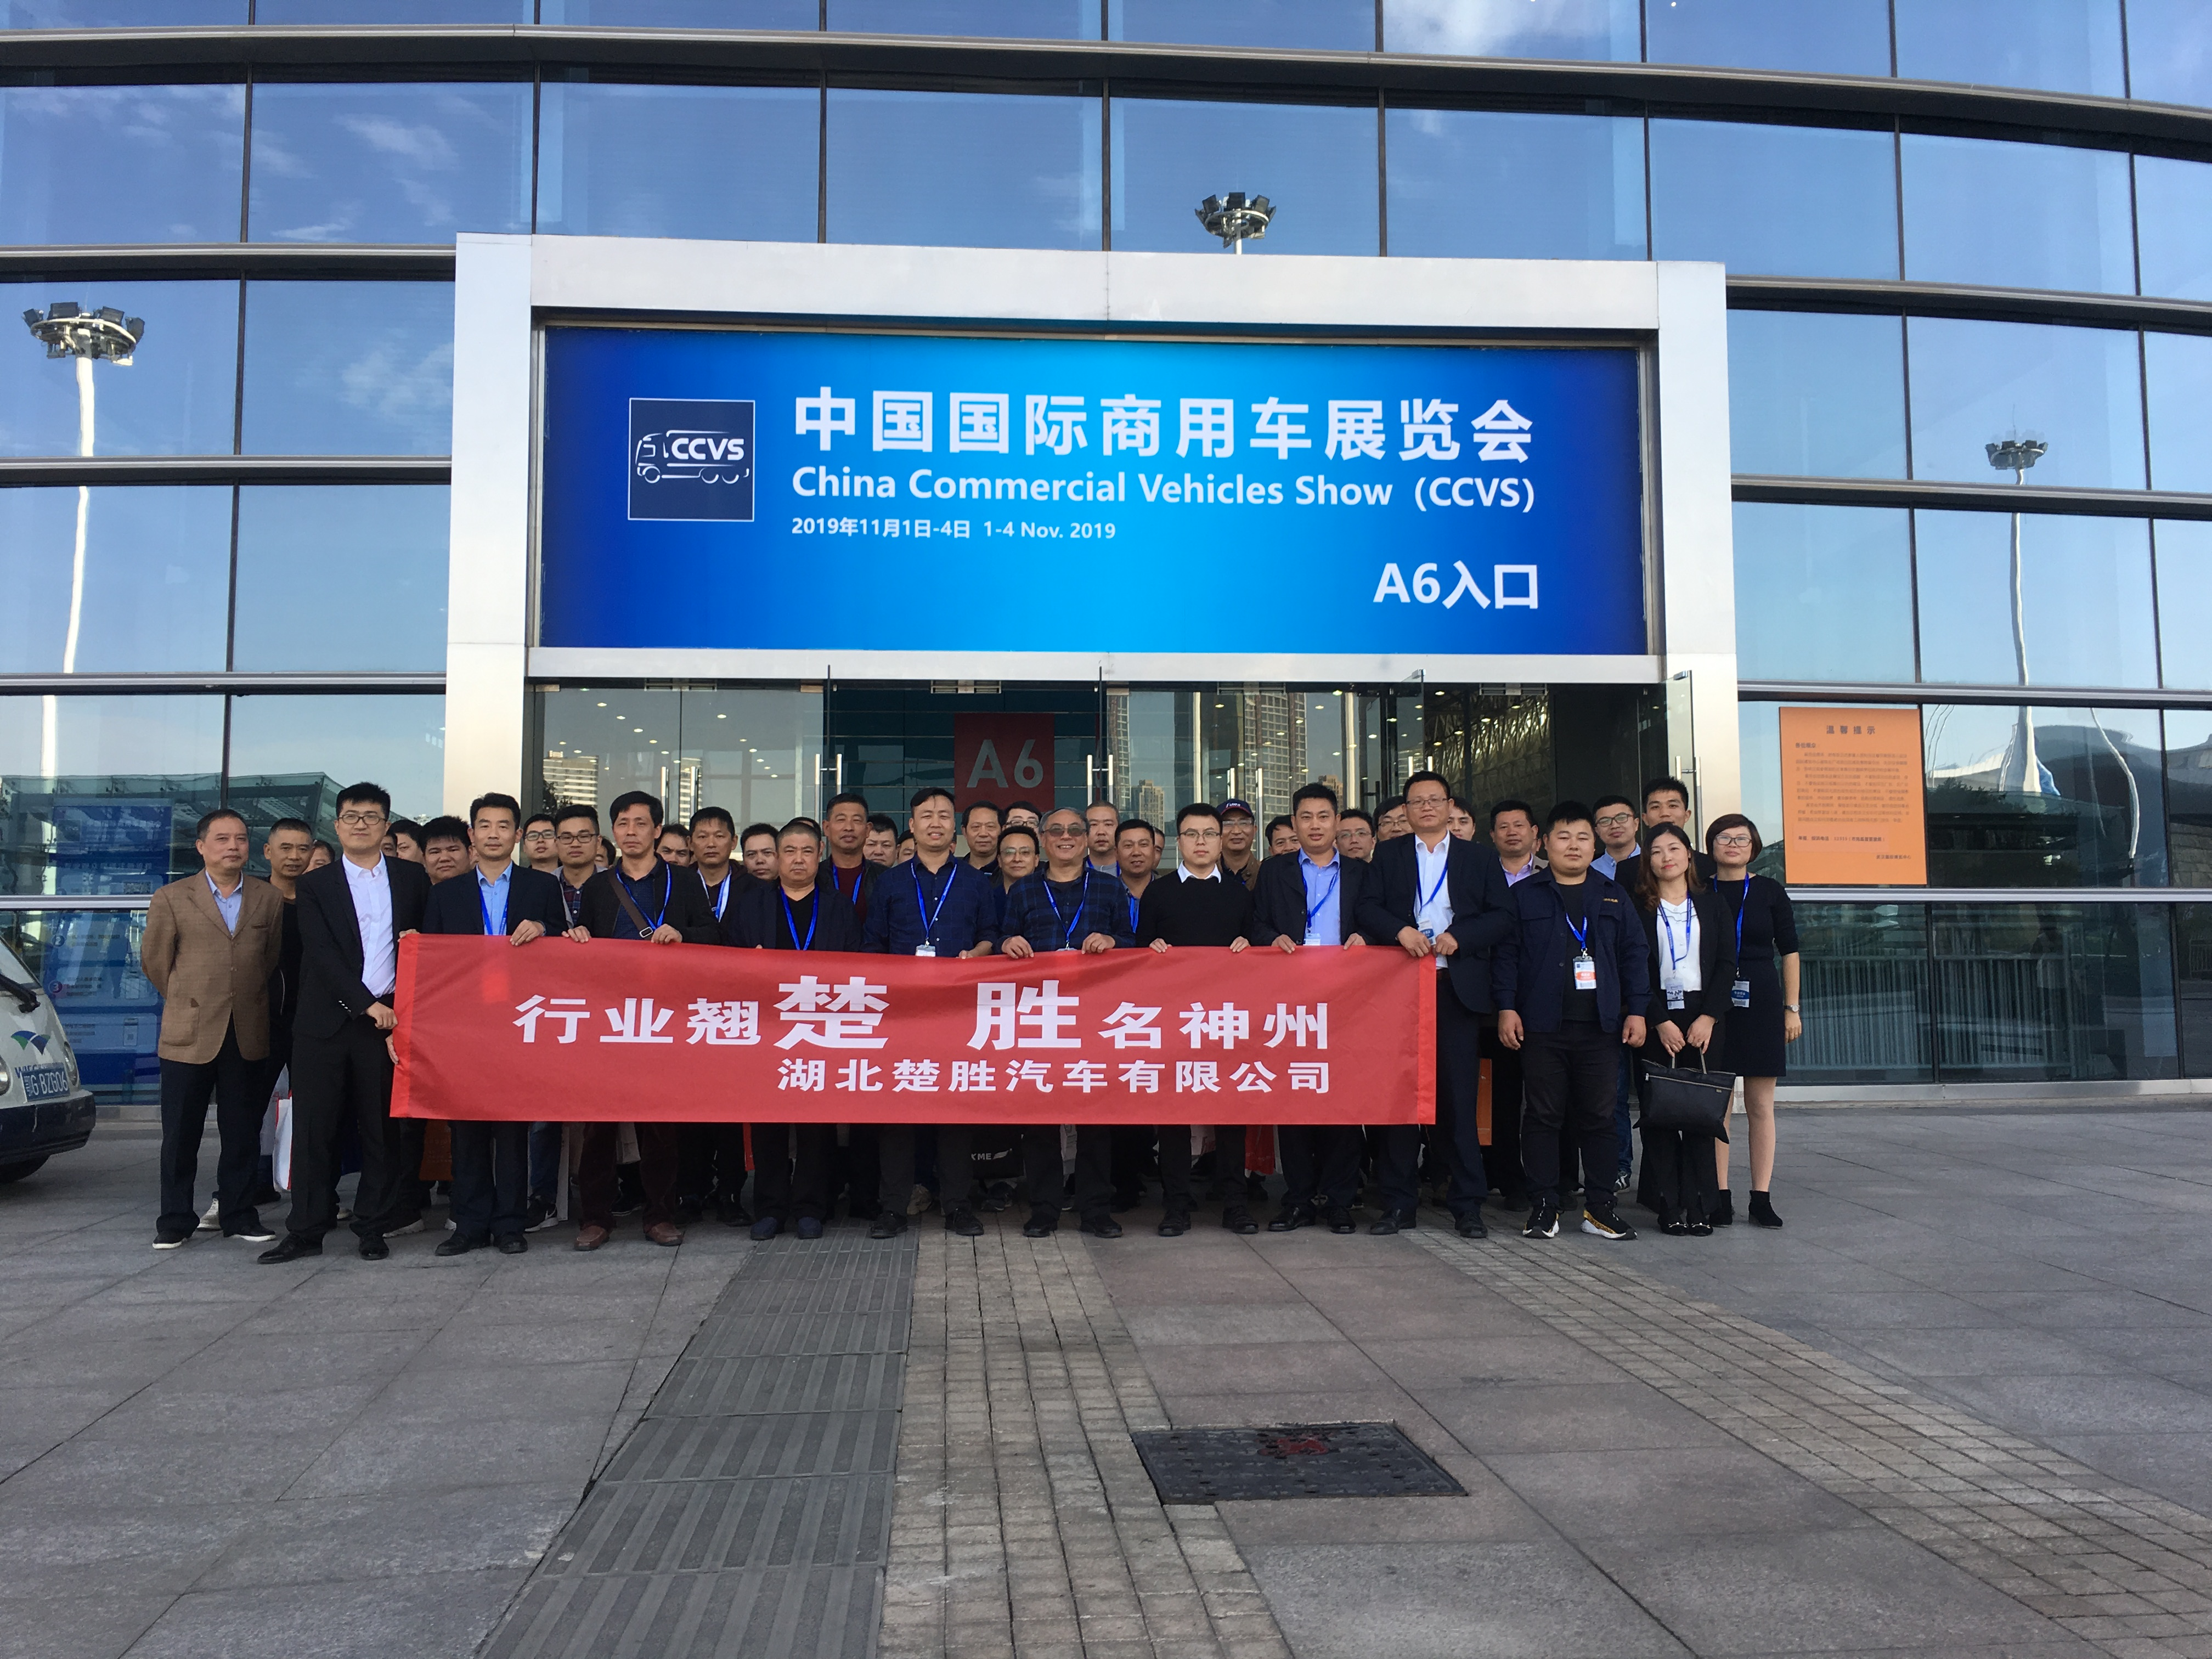 亚博体育下载ios亚博体育网页版亮相2019(武汉)国际商用车展览会